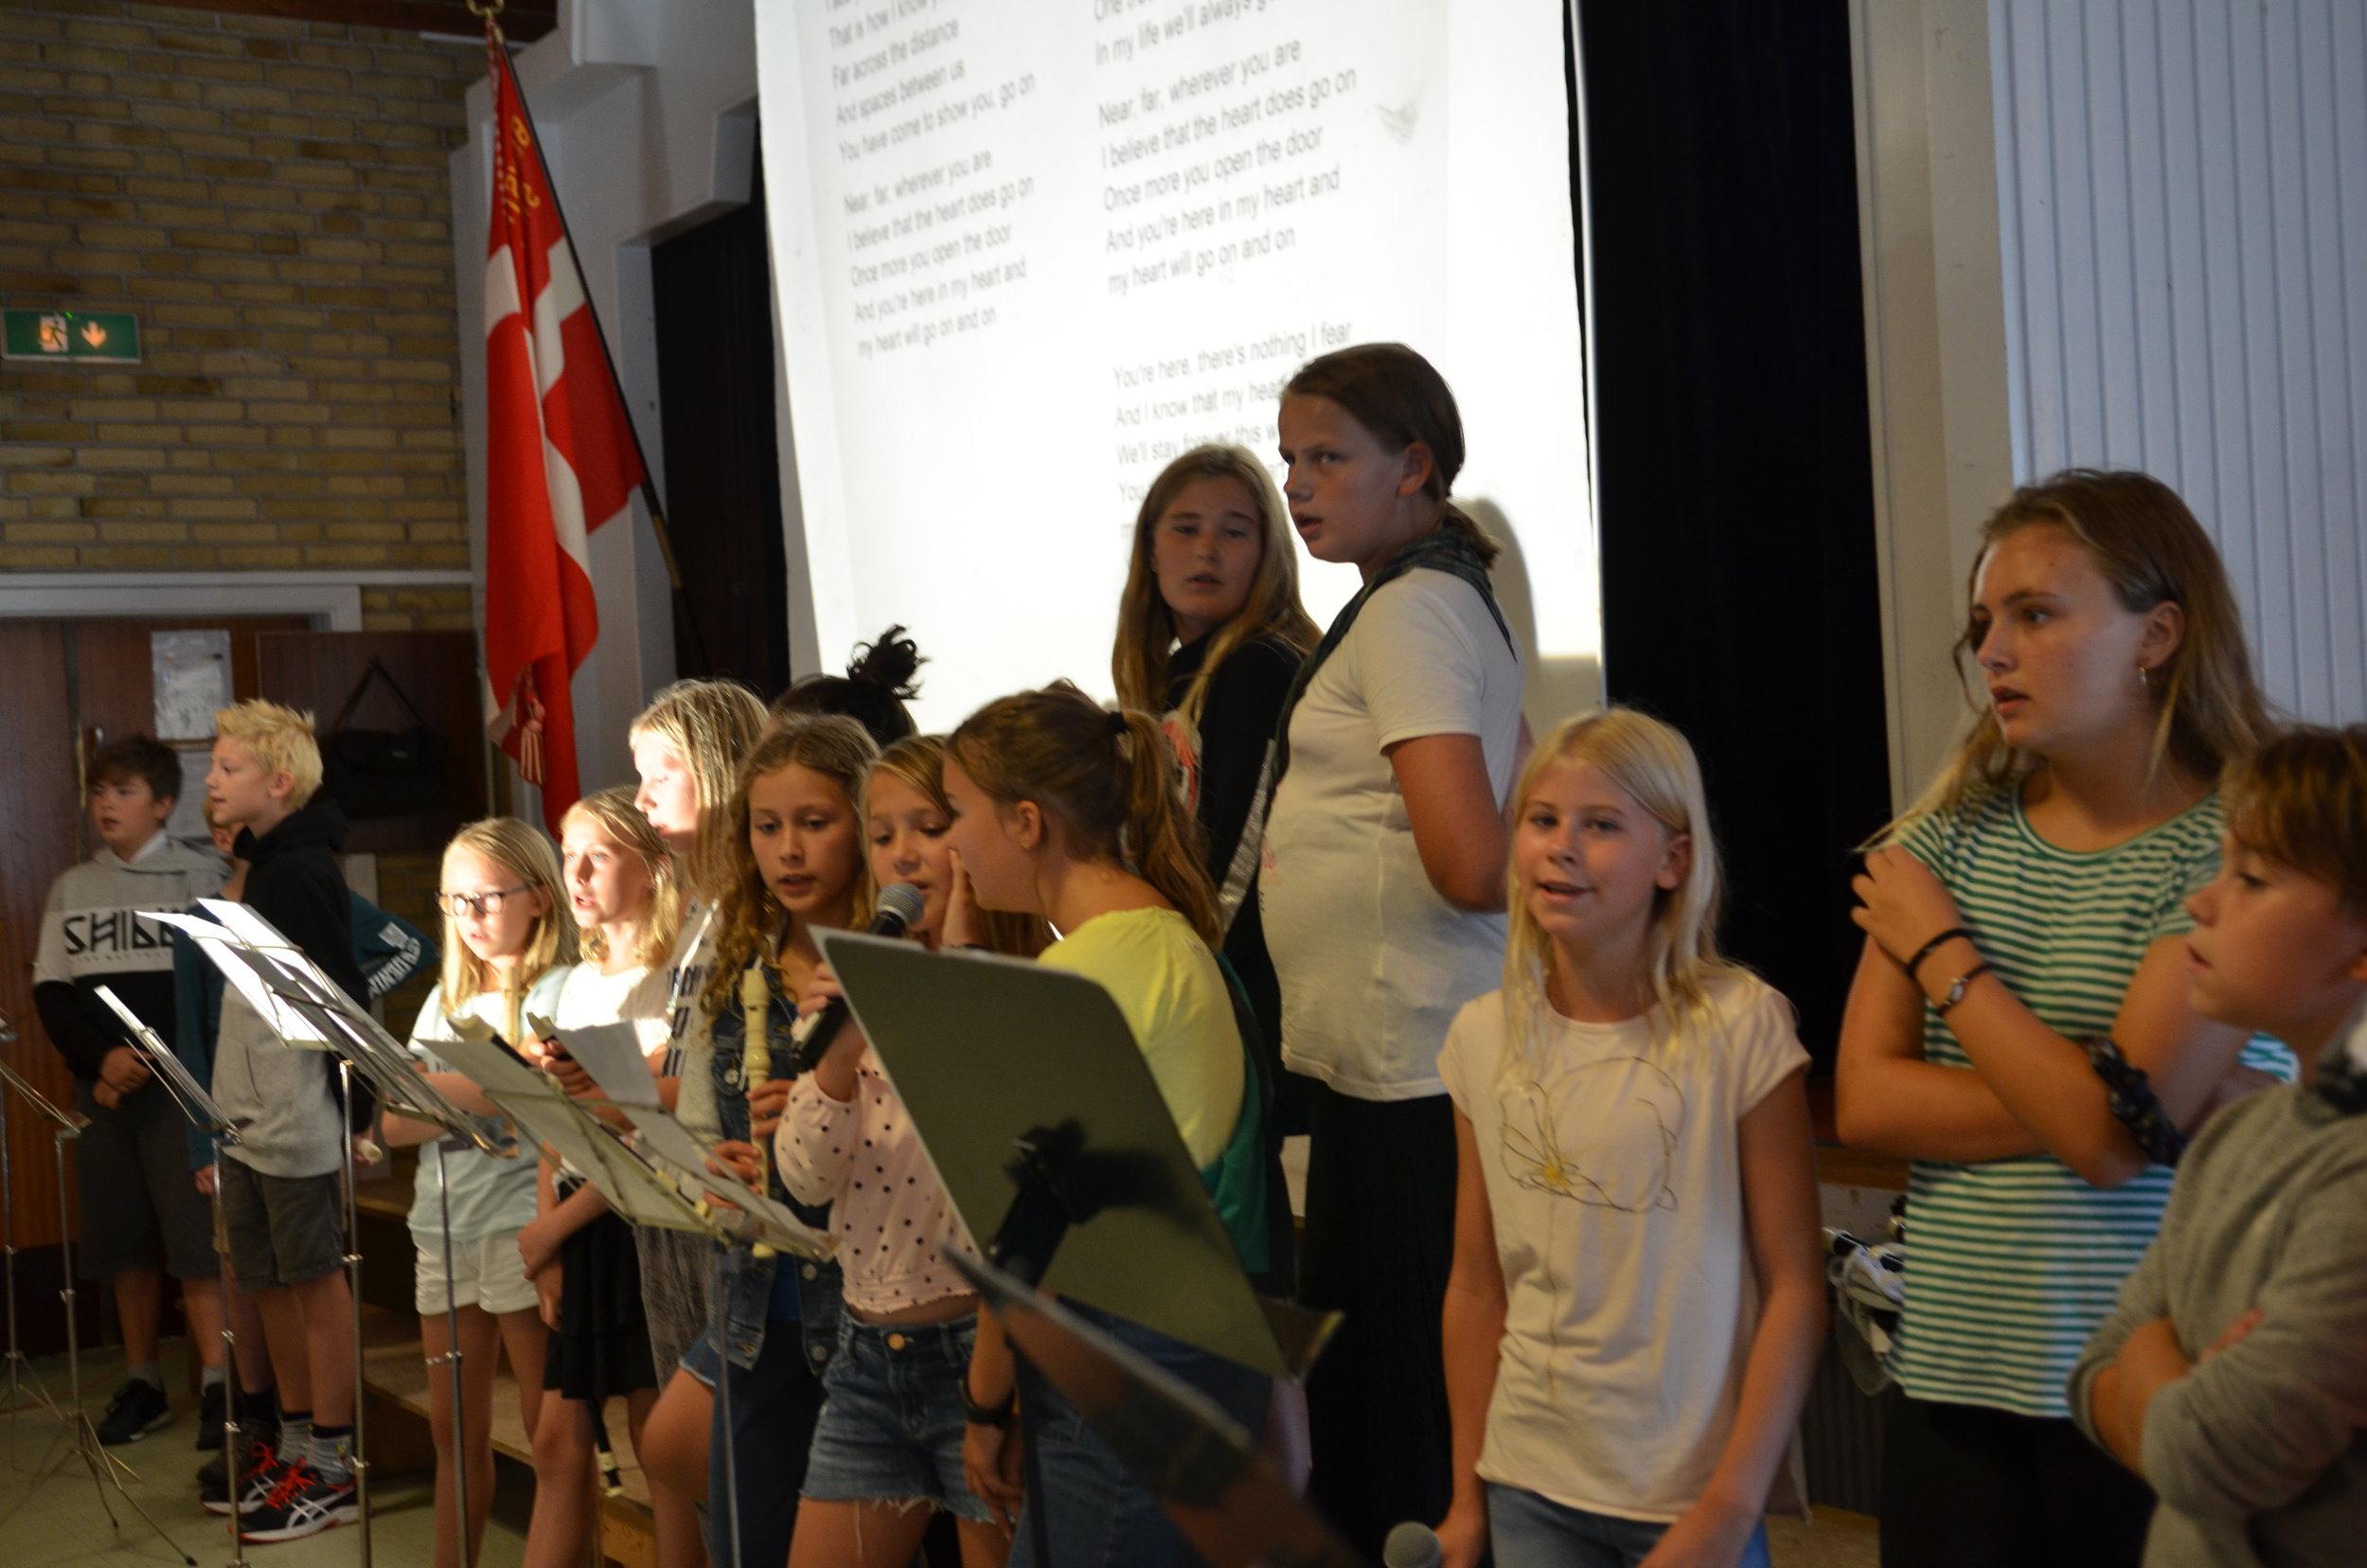 """Teksten til """"My heart will go on"""" var vist på storskærm, så alle gæsterne til sidst kunne synge med. Foto: AOB"""